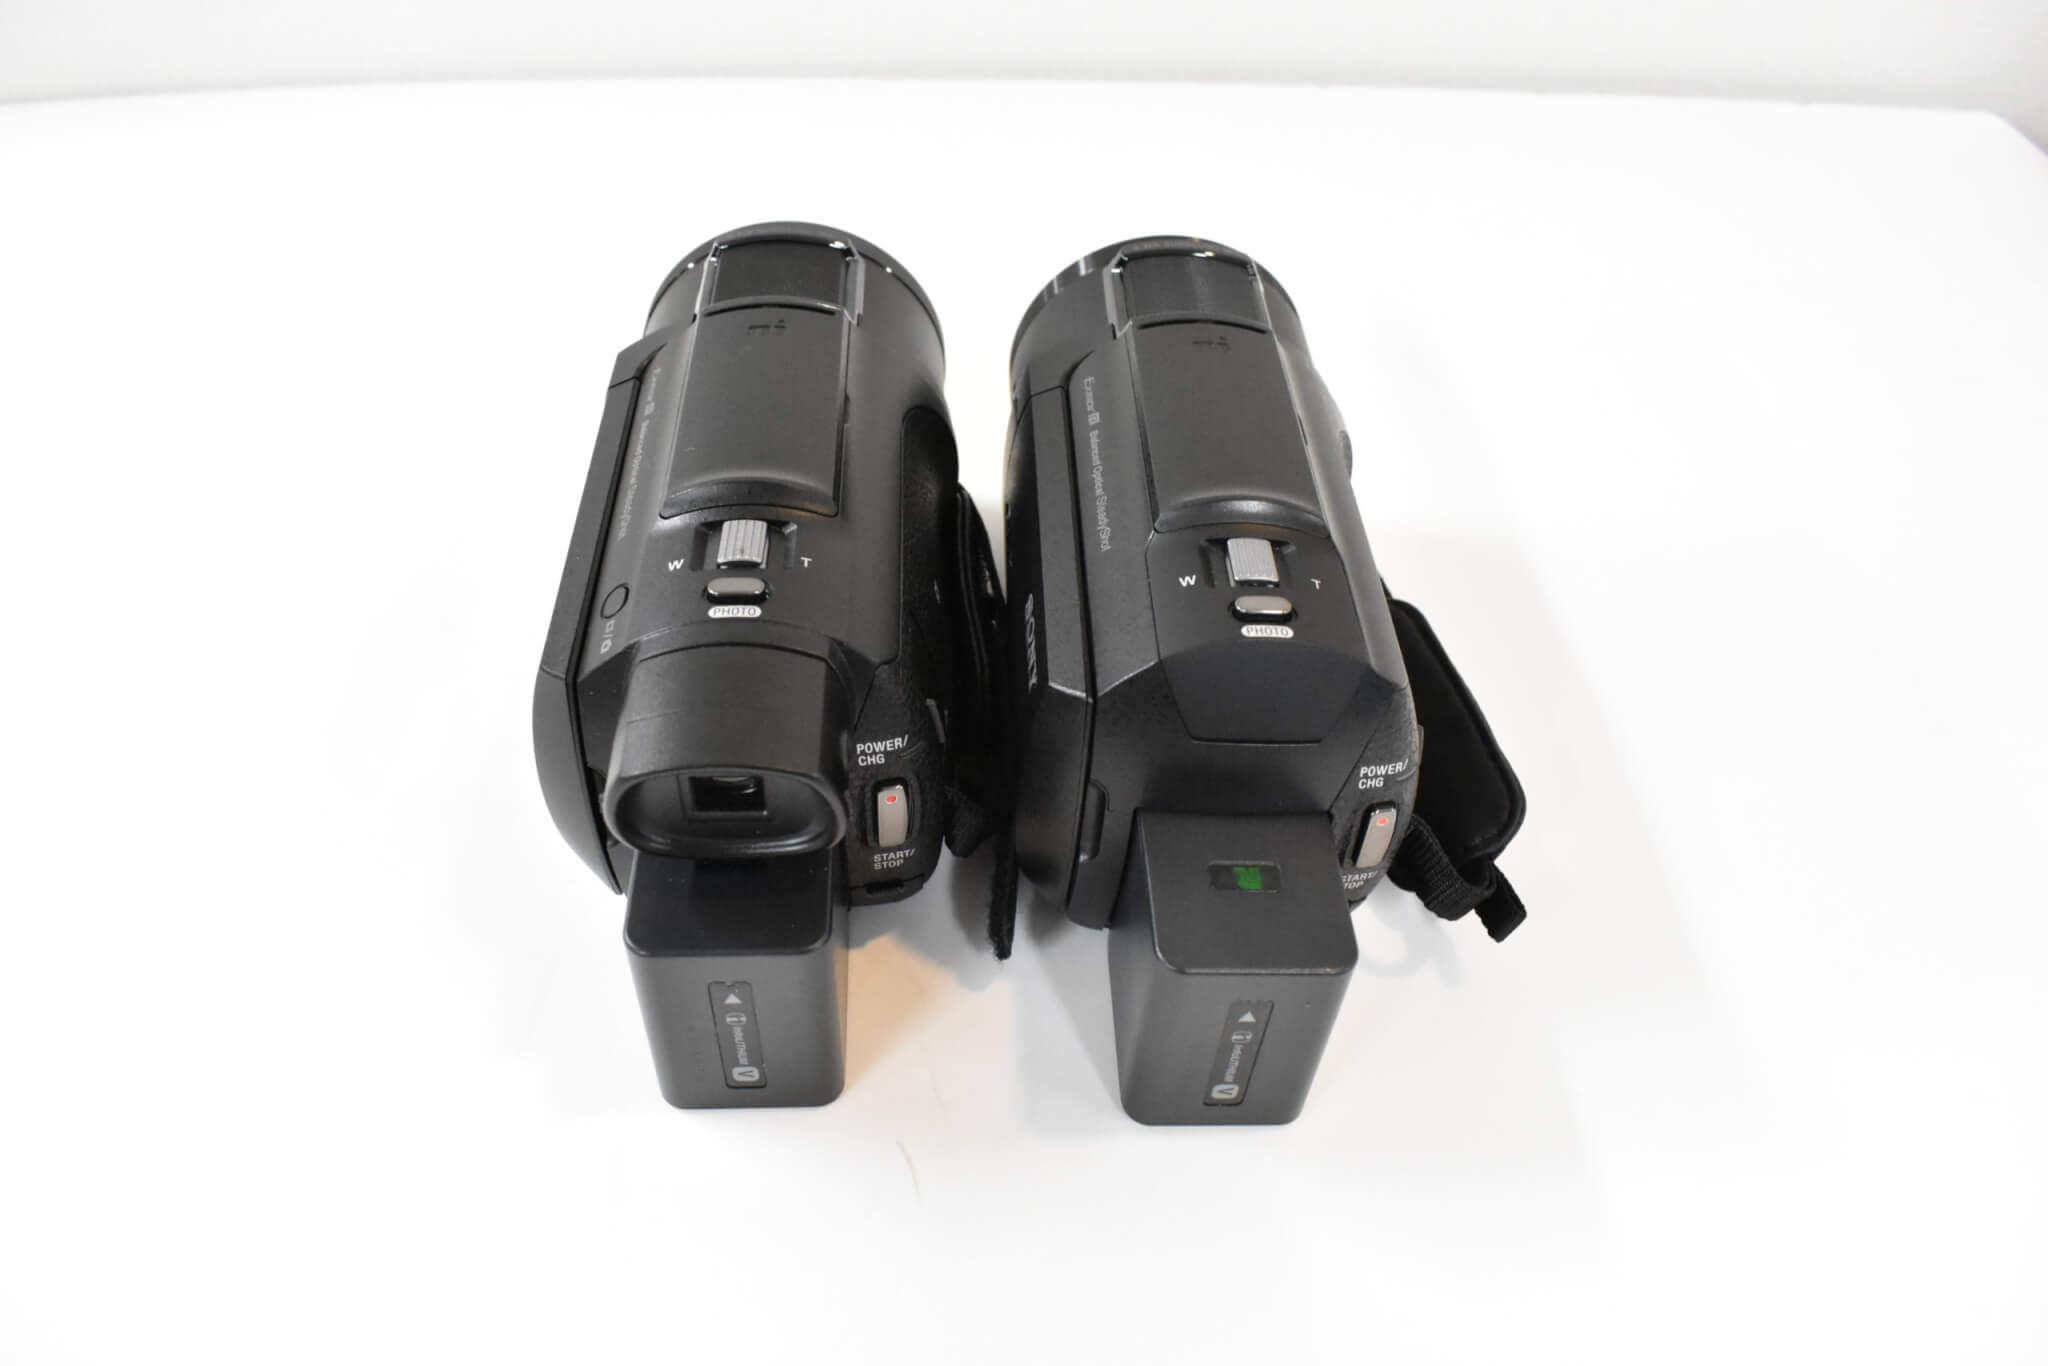 SONYハンディカム 最新全7機種を写真付きで紹介 FDR-AX45